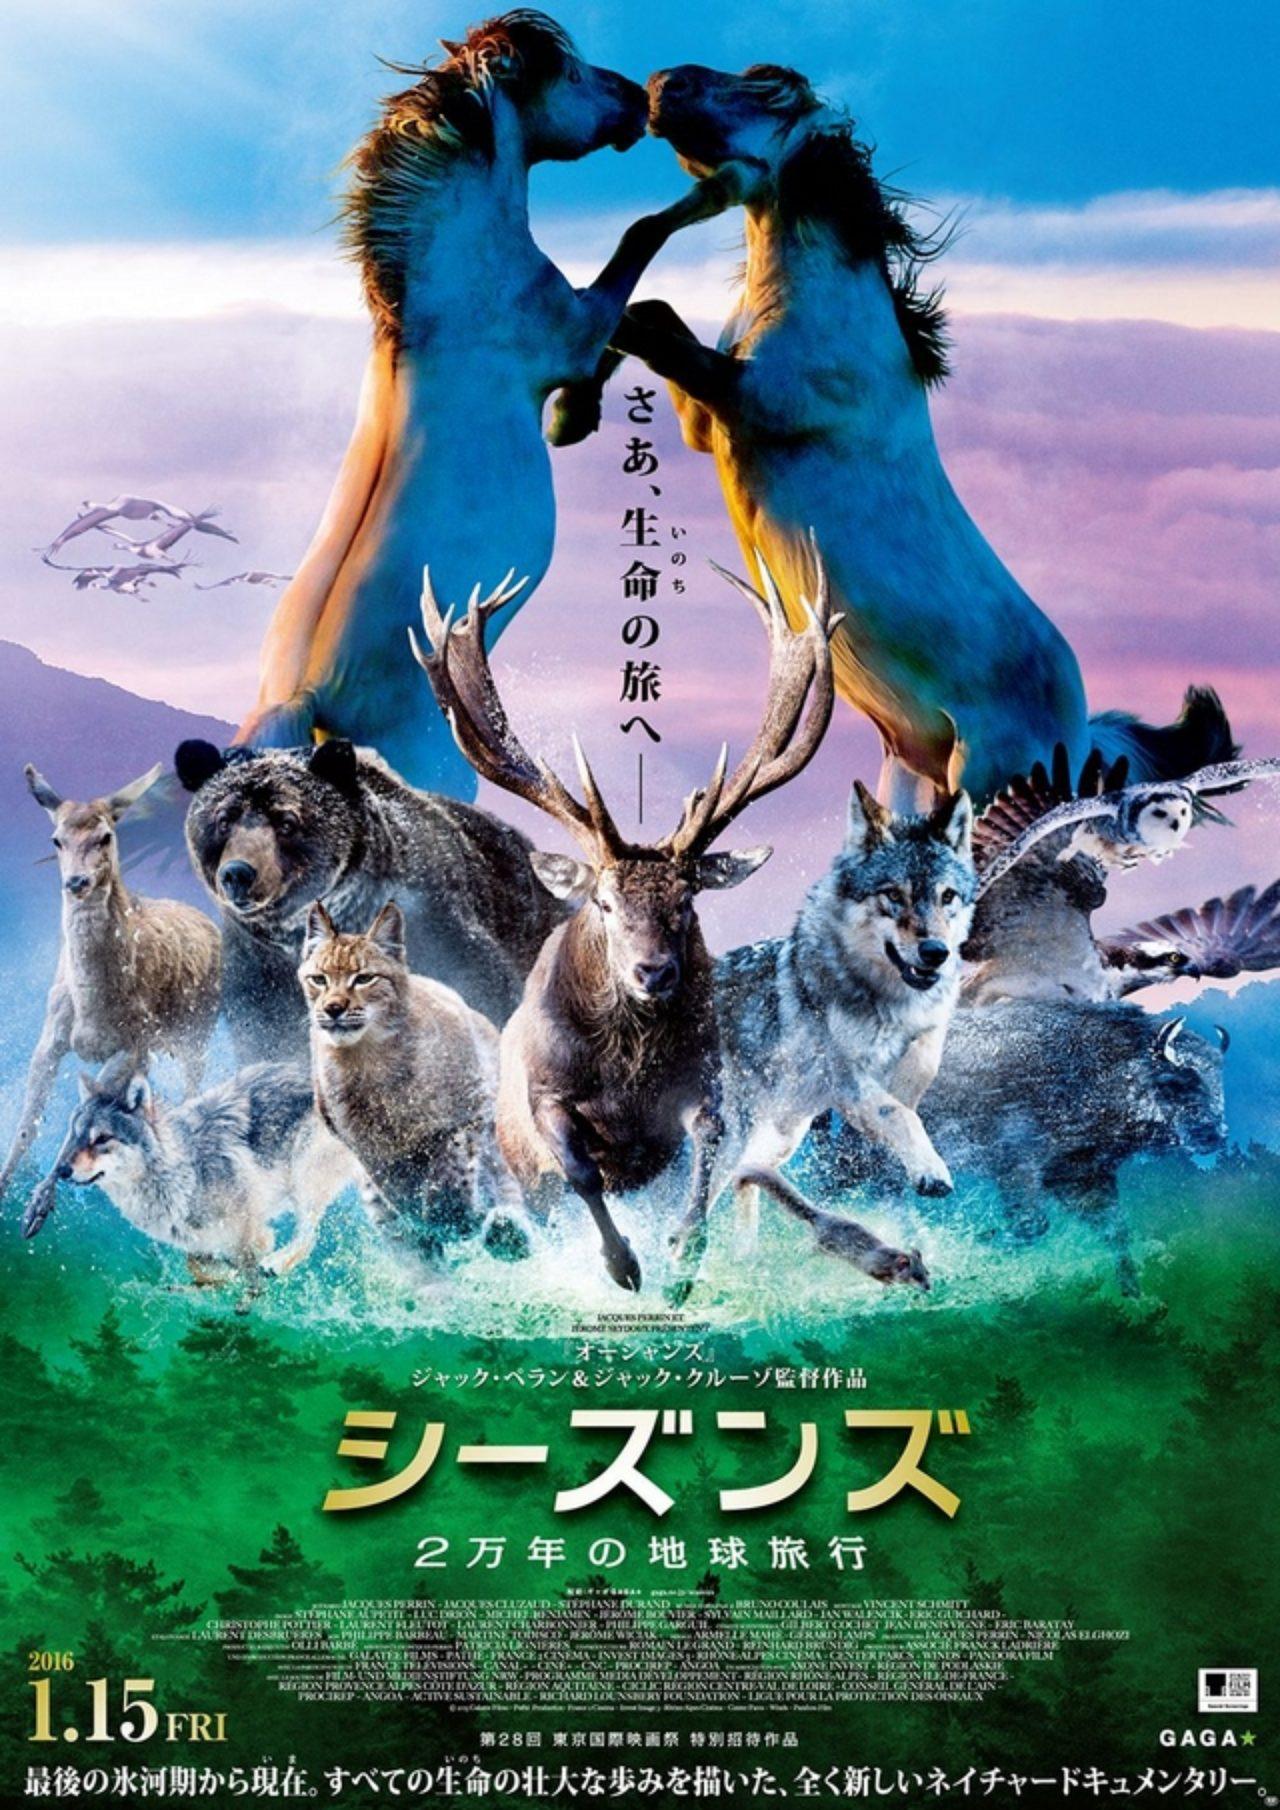 画像: 『オーシャンズ』の監督・スタッフが贈る新たなるネイチャードキュメンタリー さあ、生命の旅へ―― 第28回東京国際映画祭 特別招待部門作品『シーズンズ 2万年の地球旅行』 ネイチャードキュメンタリー界の巨匠、ジャック・クルーゾ監督、6年ぶりの映画祭での上映に感激!